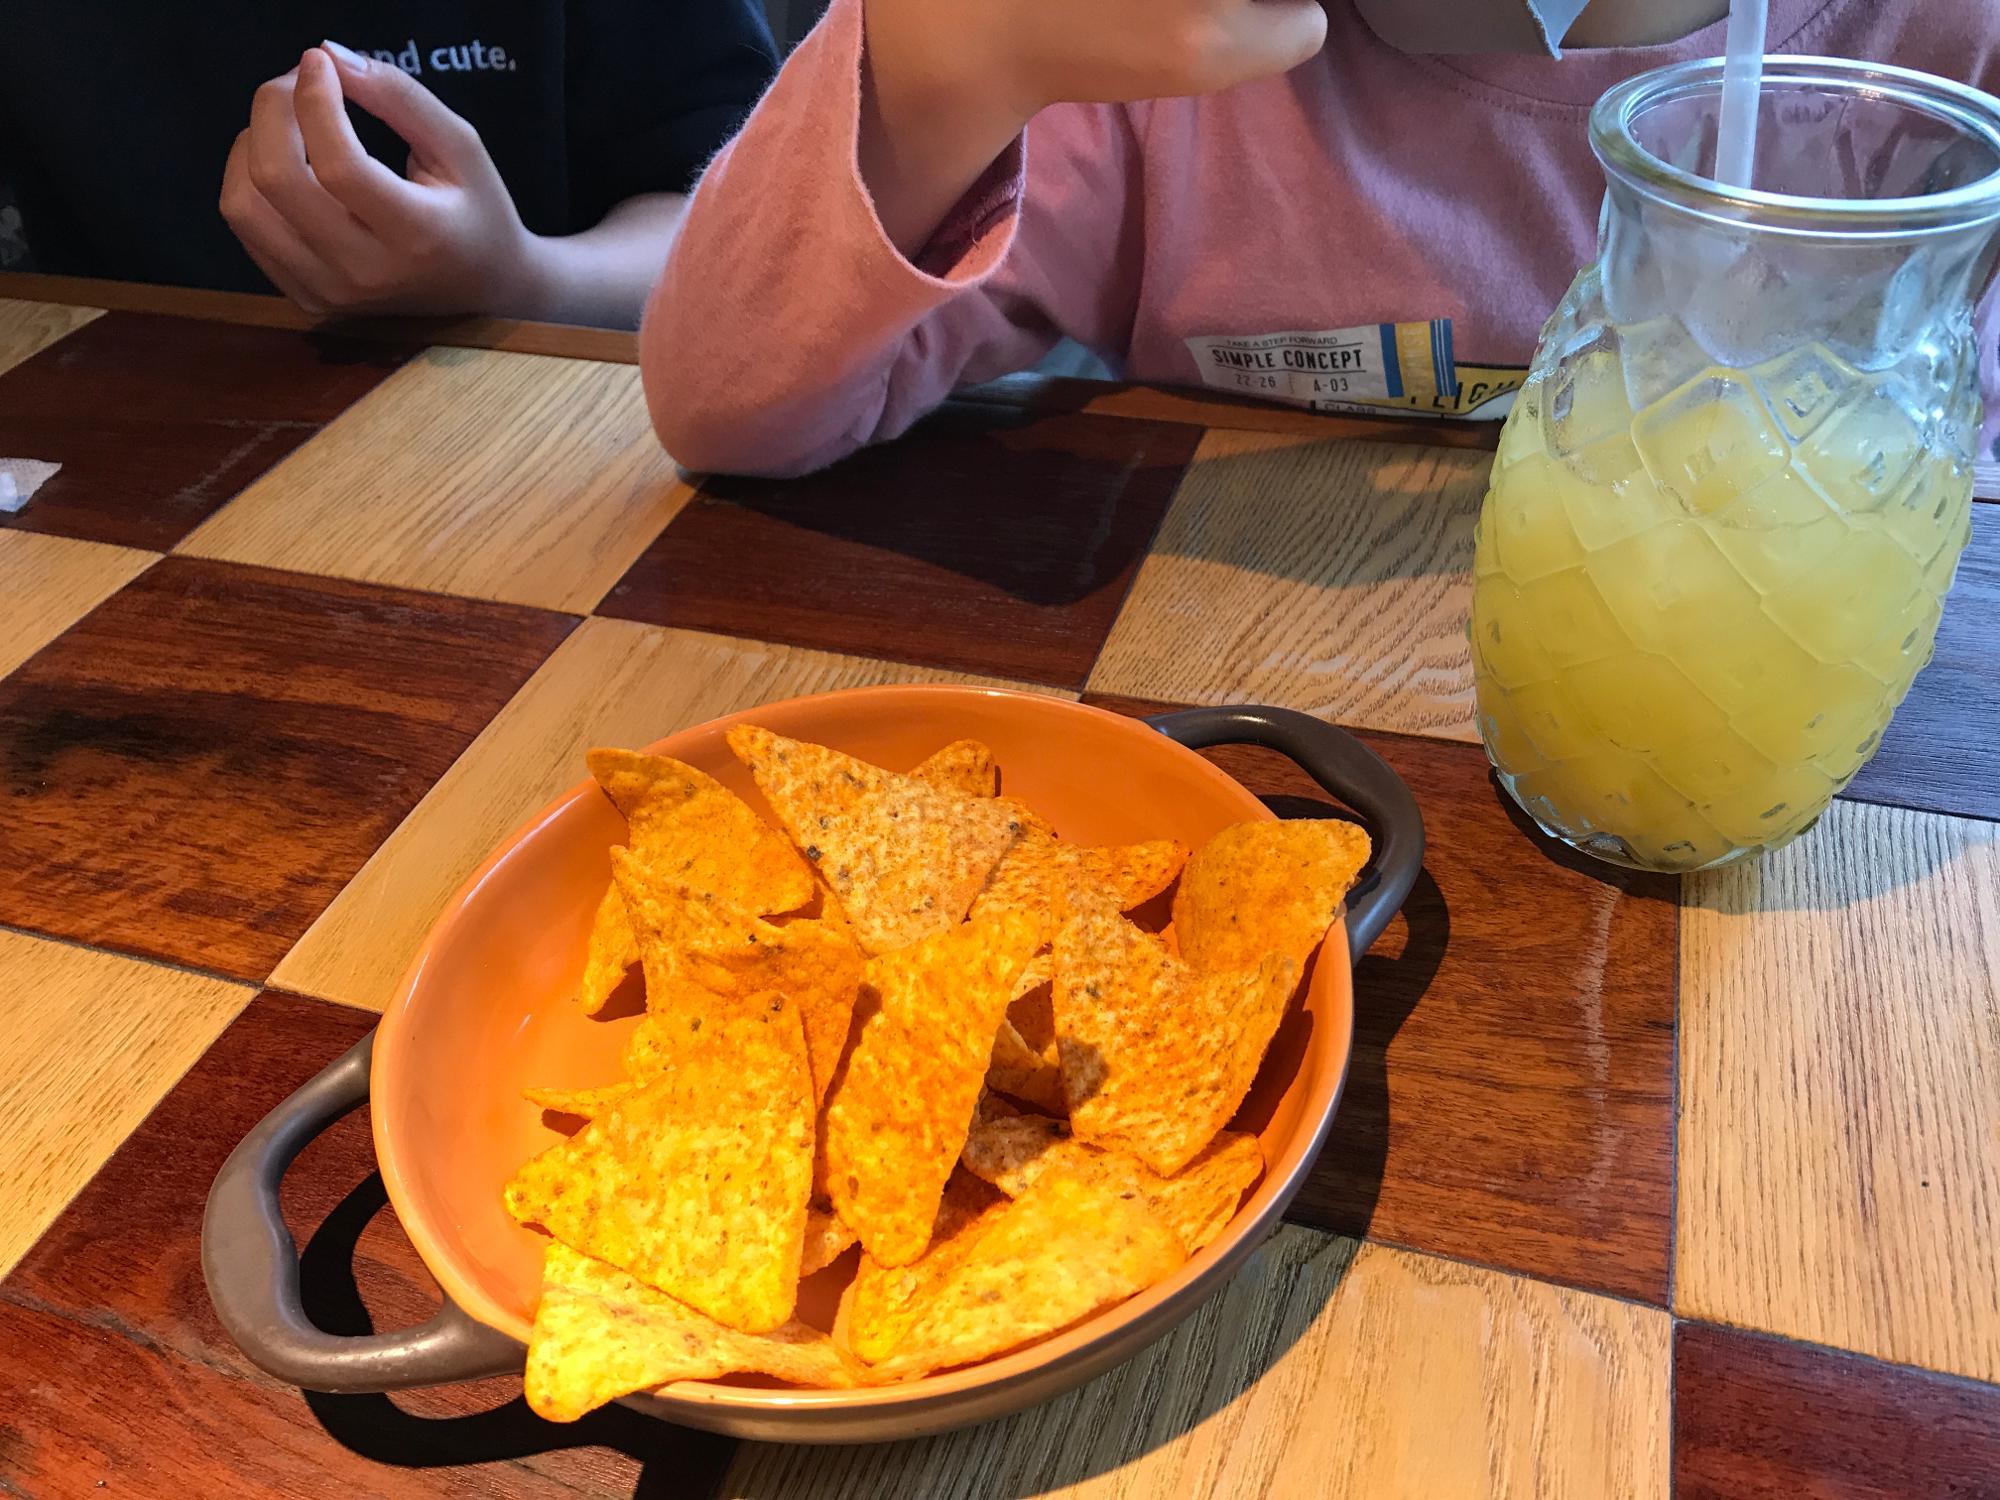 おつまみにもピッタリのチップスと、ハワイテイスト抜群のパイナップルジュース。